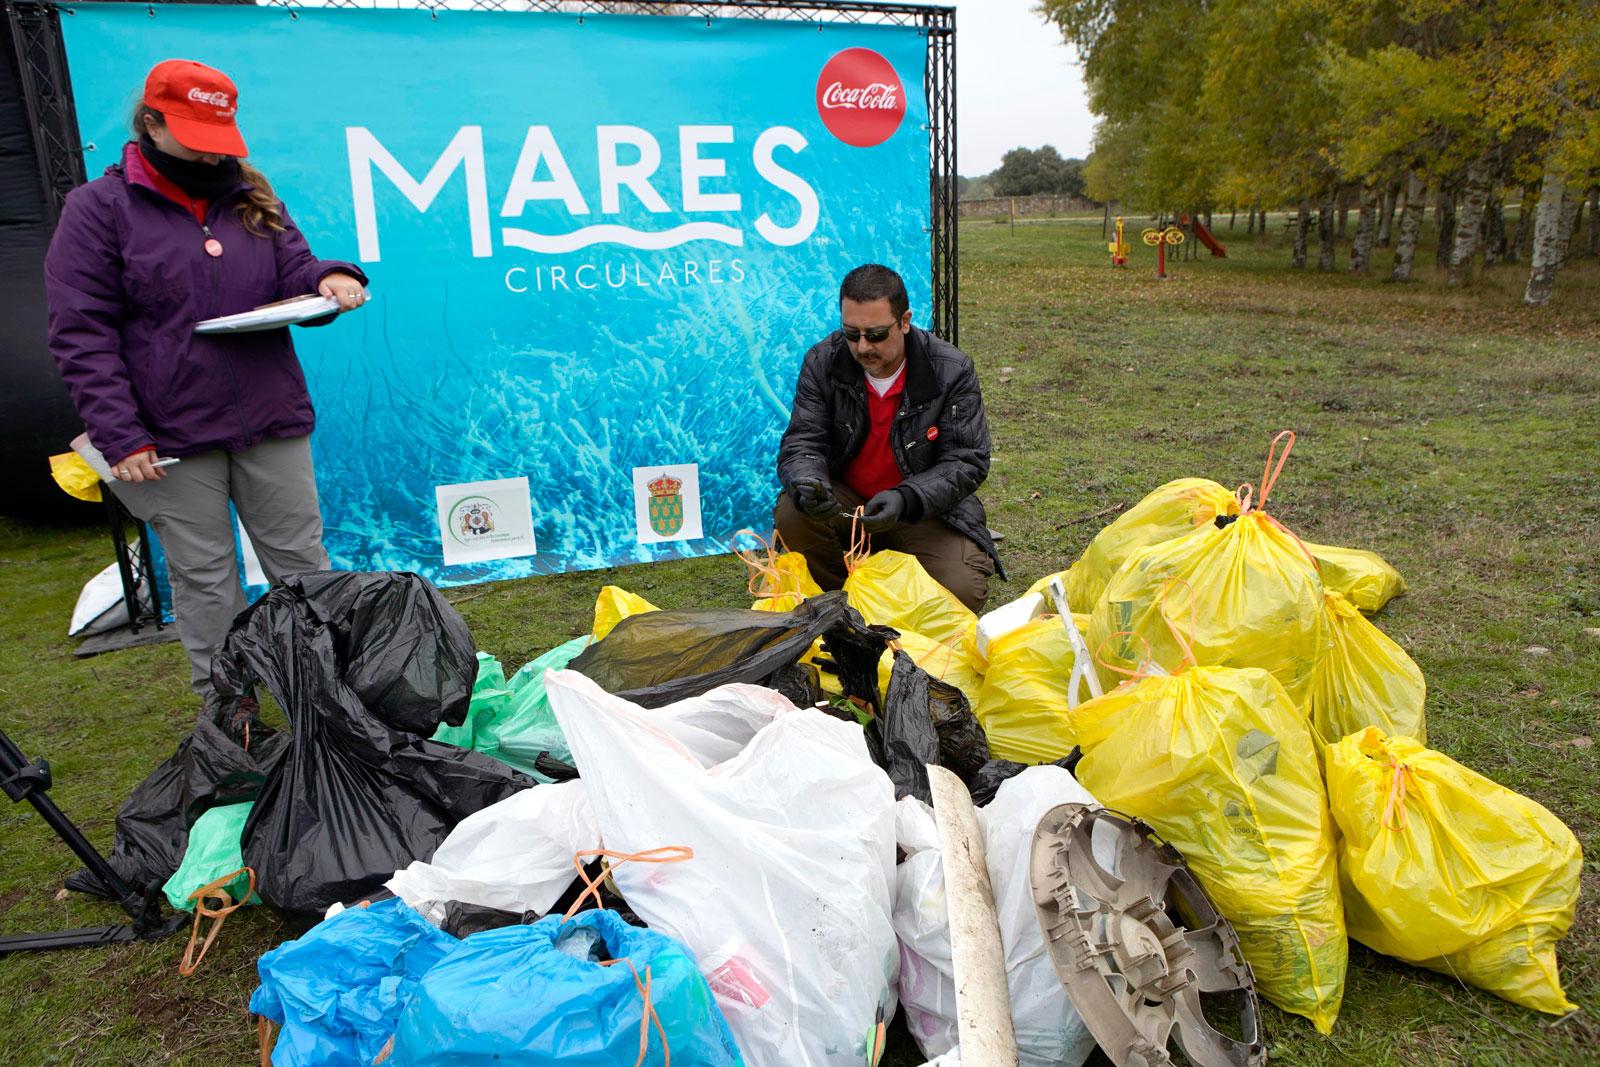 Mares Circulares Valmayor recogida plásticos Coca-Cola